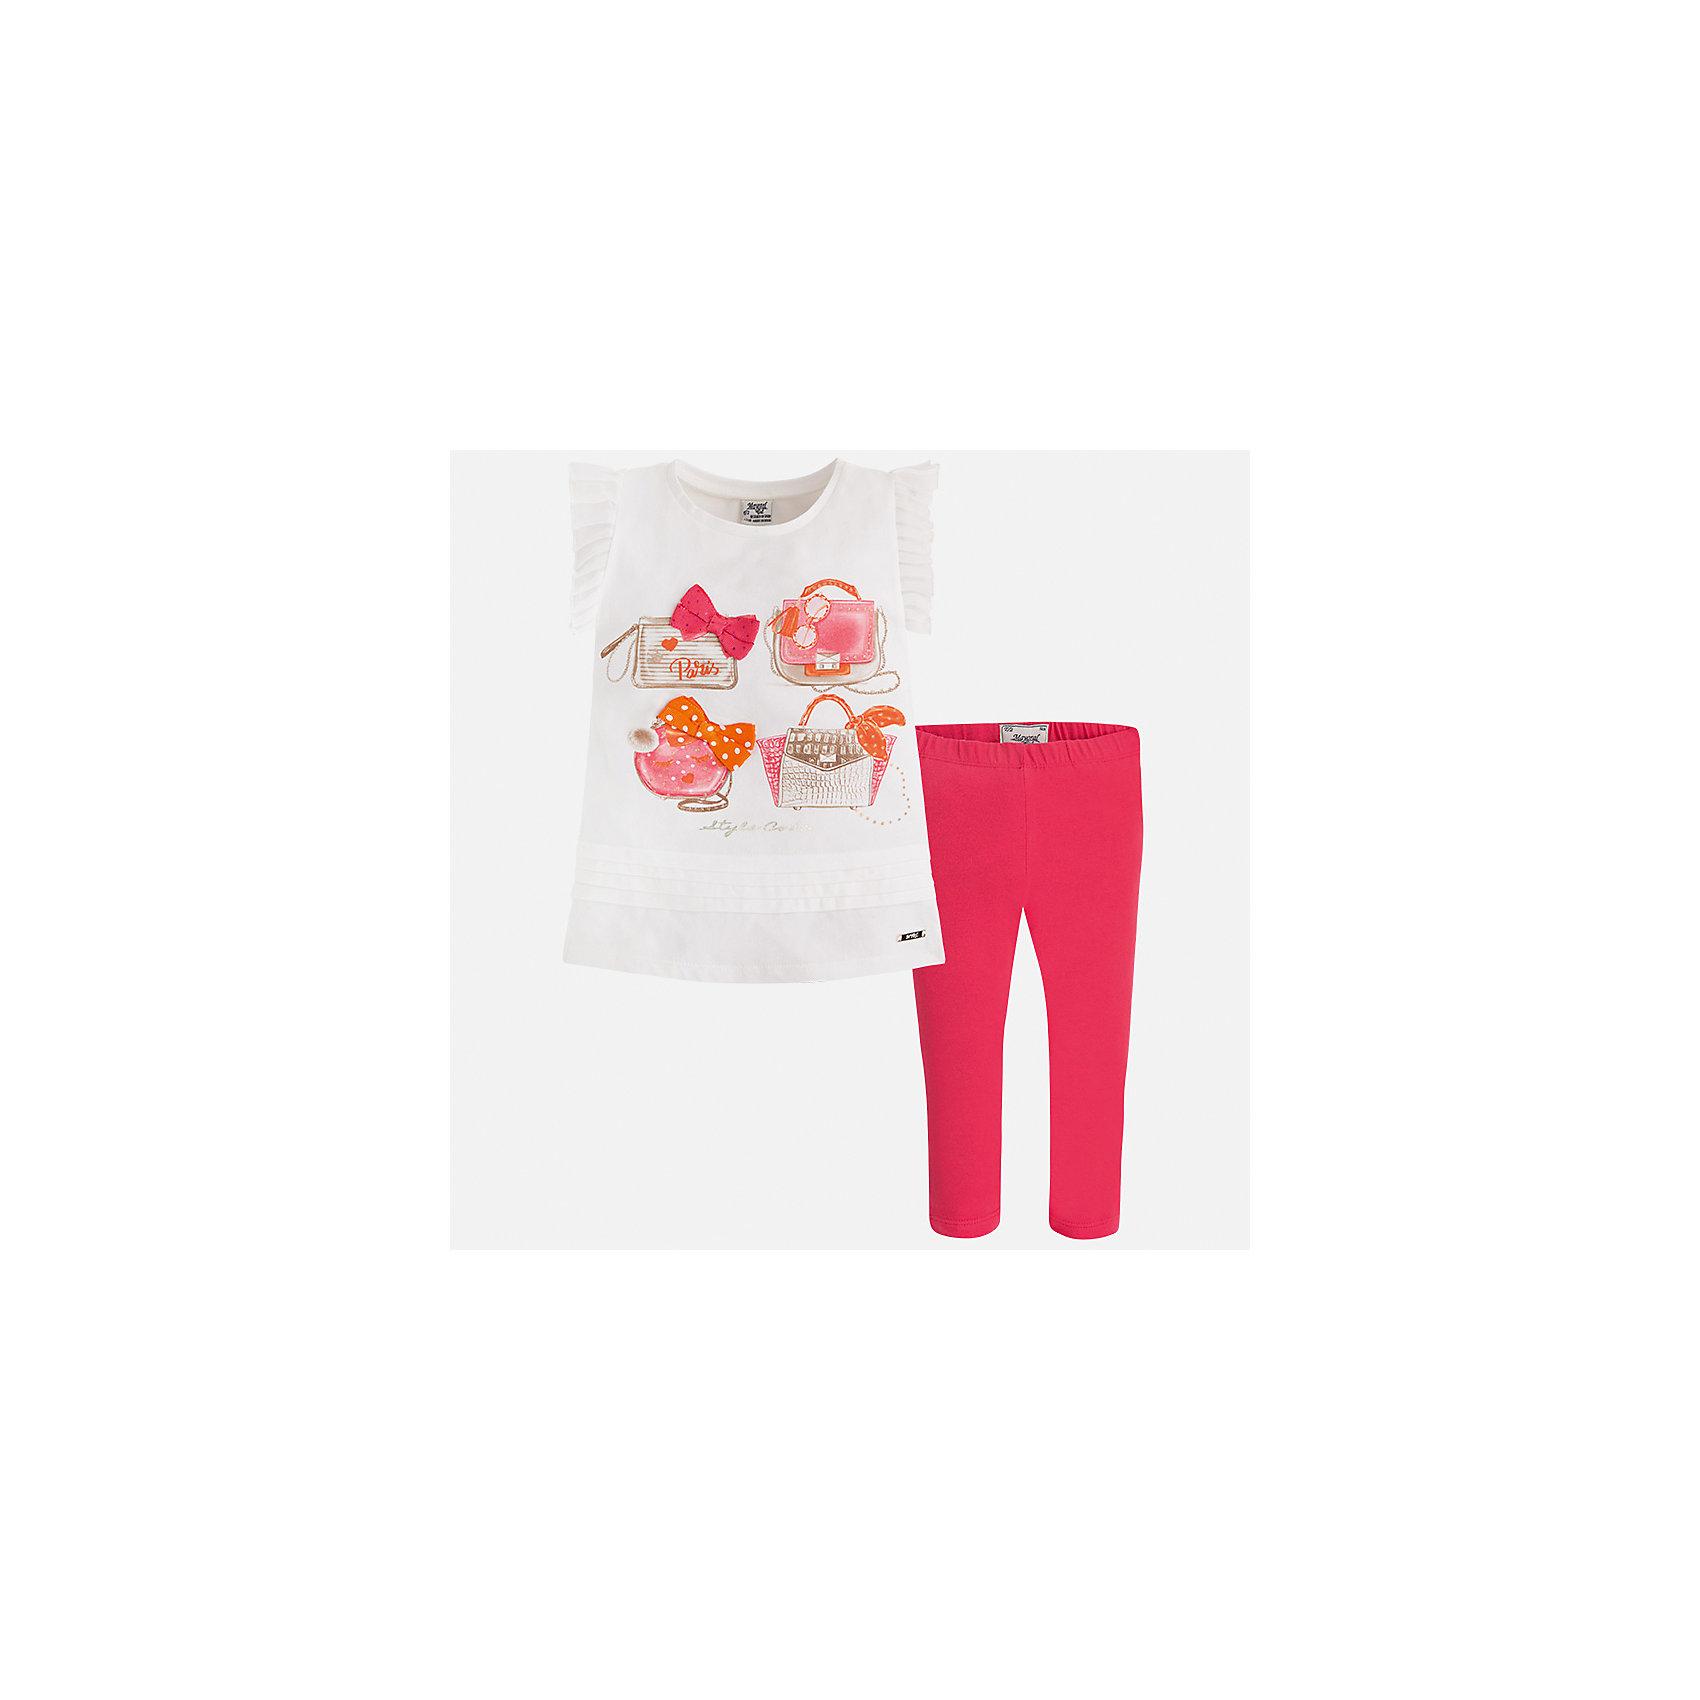 Комплект: блузка и леггинсы для девочки MayoralКомплект: блузка и леггинсы для девочки от известной испанской марки Mayoral.<br><br>Ширина мм: 123<br>Глубина мм: 10<br>Высота мм: 149<br>Вес г: 209<br>Цвет: красный<br>Возраст от месяцев: 96<br>Возраст до месяцев: 108<br>Пол: Женский<br>Возраст: Детский<br>Размер: 134,92,98,104,110,116,122,128<br>SKU: 5290622